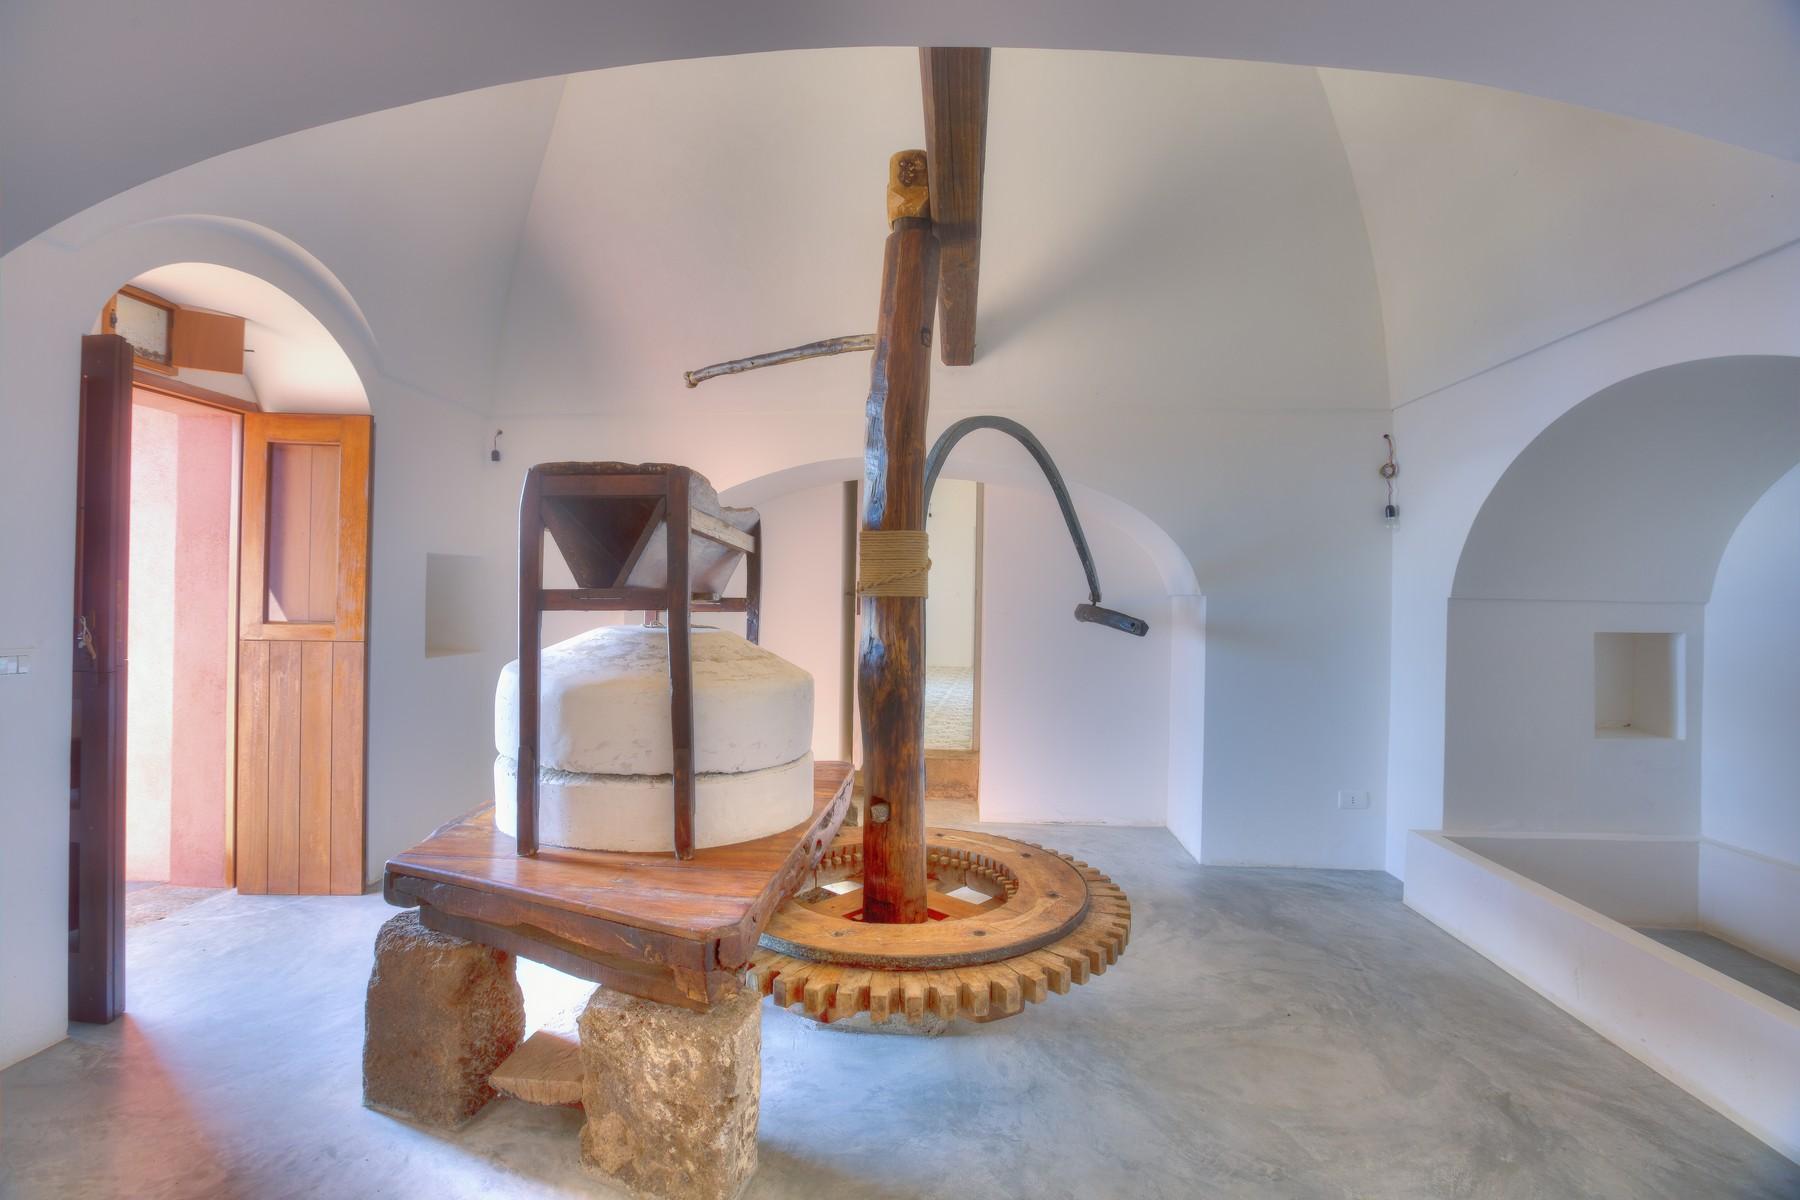 Un paradiso incontaminato nell'esclusiva isola di Pantelleria - 10